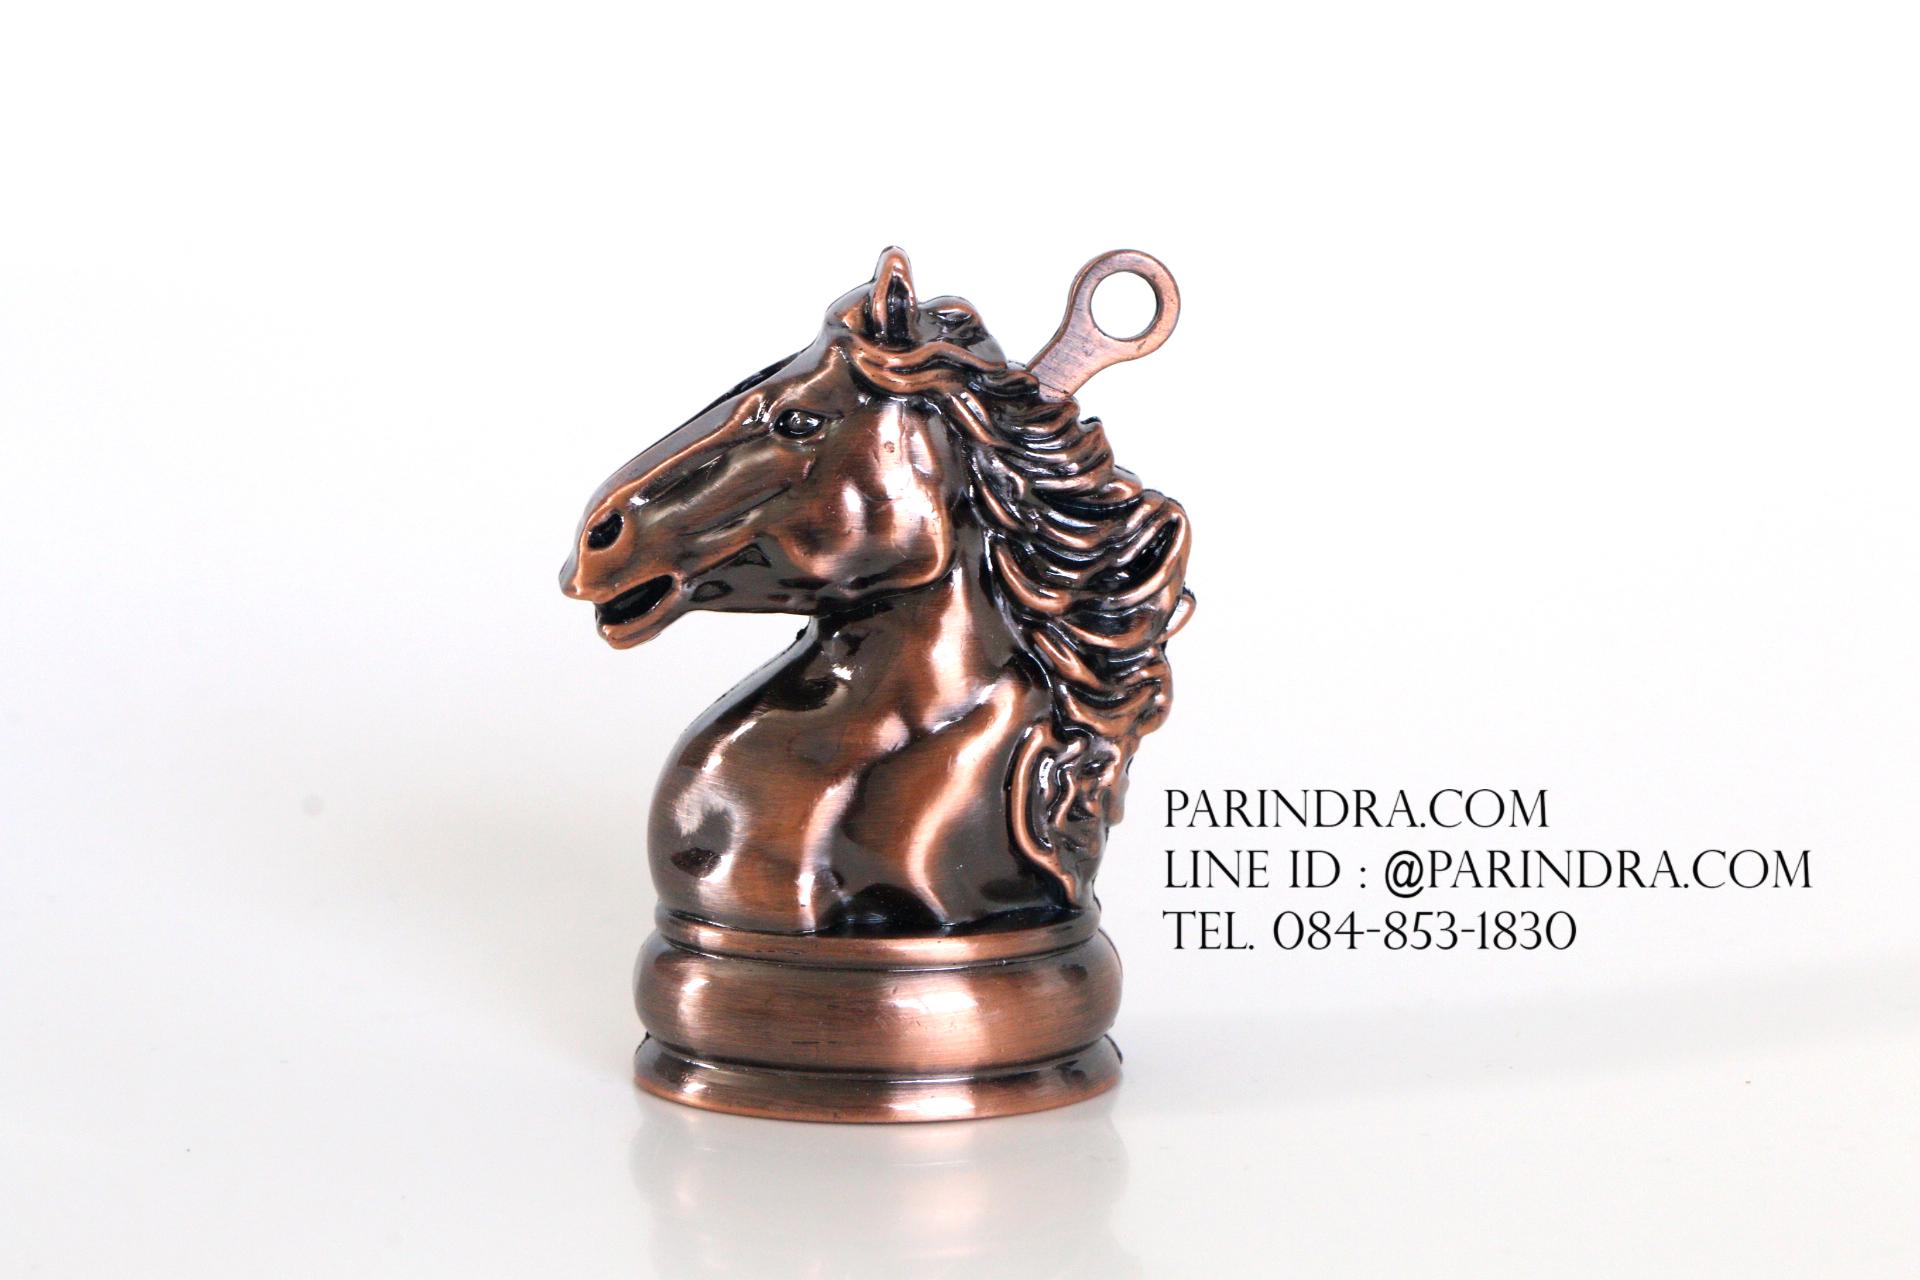 ไฟแช็คแก็ส แฟนซี chess รูปทรงหัวม้า สีทองแดง ตัวหมากรุกม้า ไฟธรรมดา